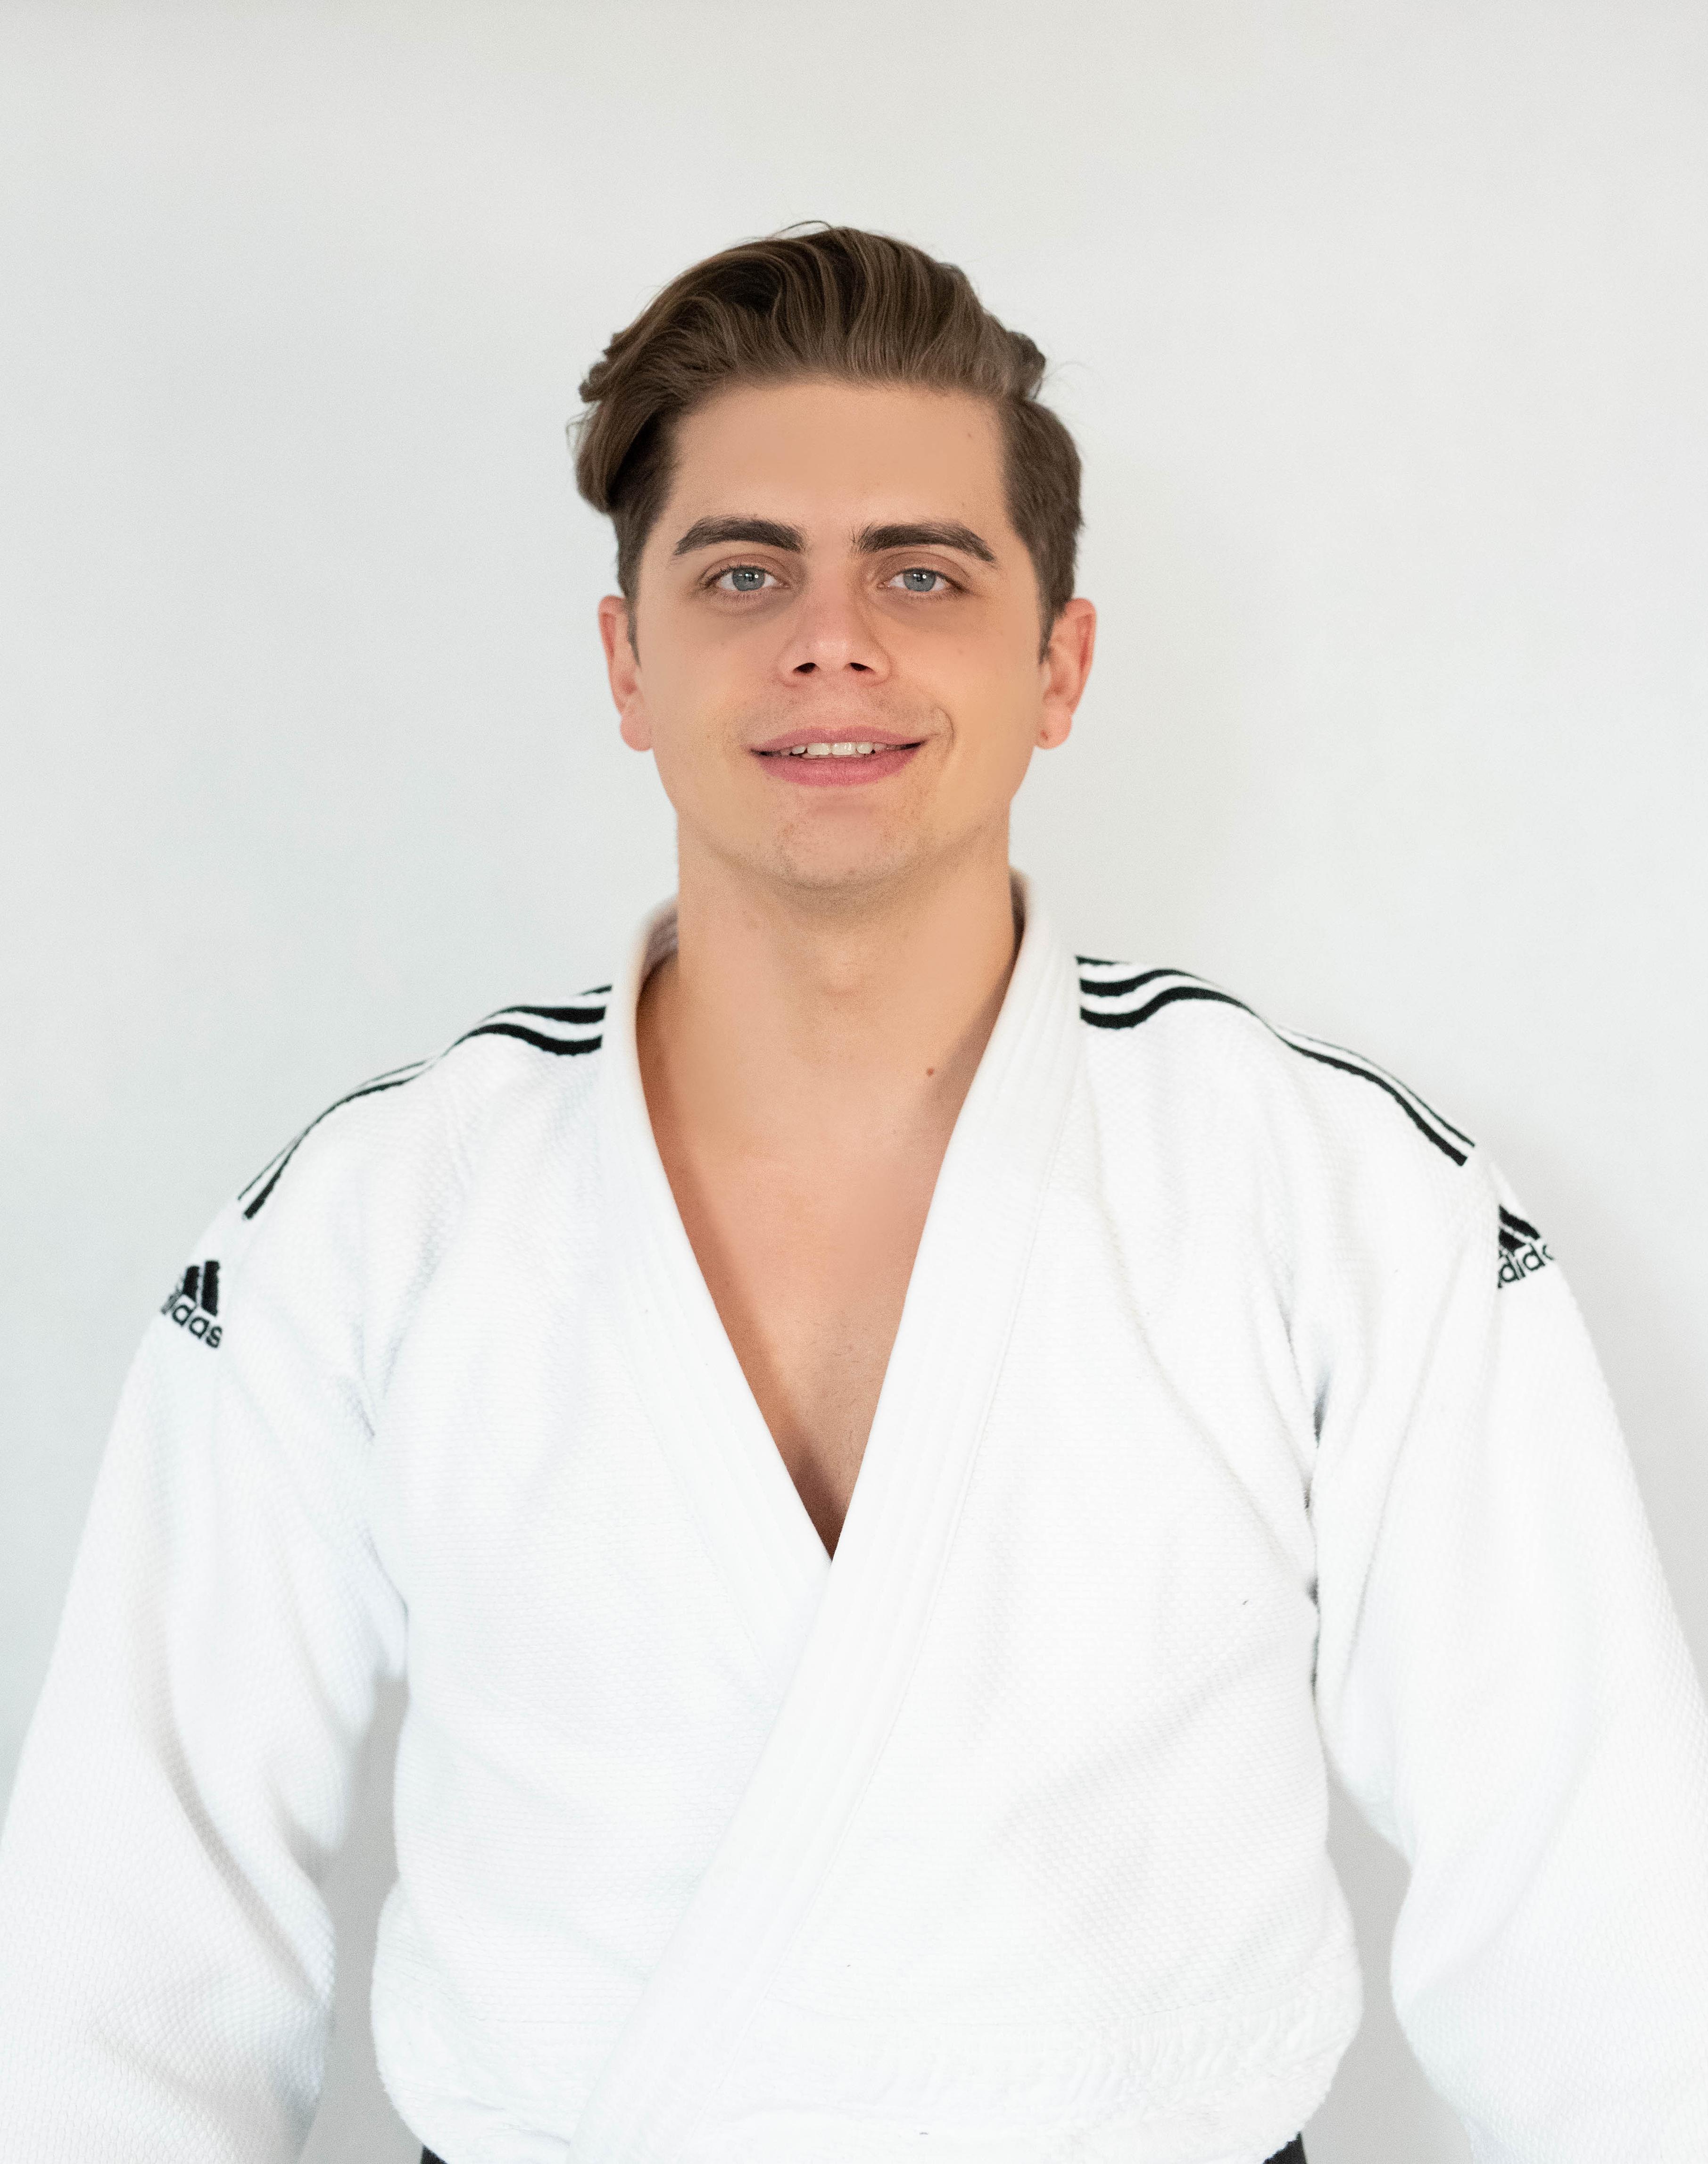 Trener Kamil G.